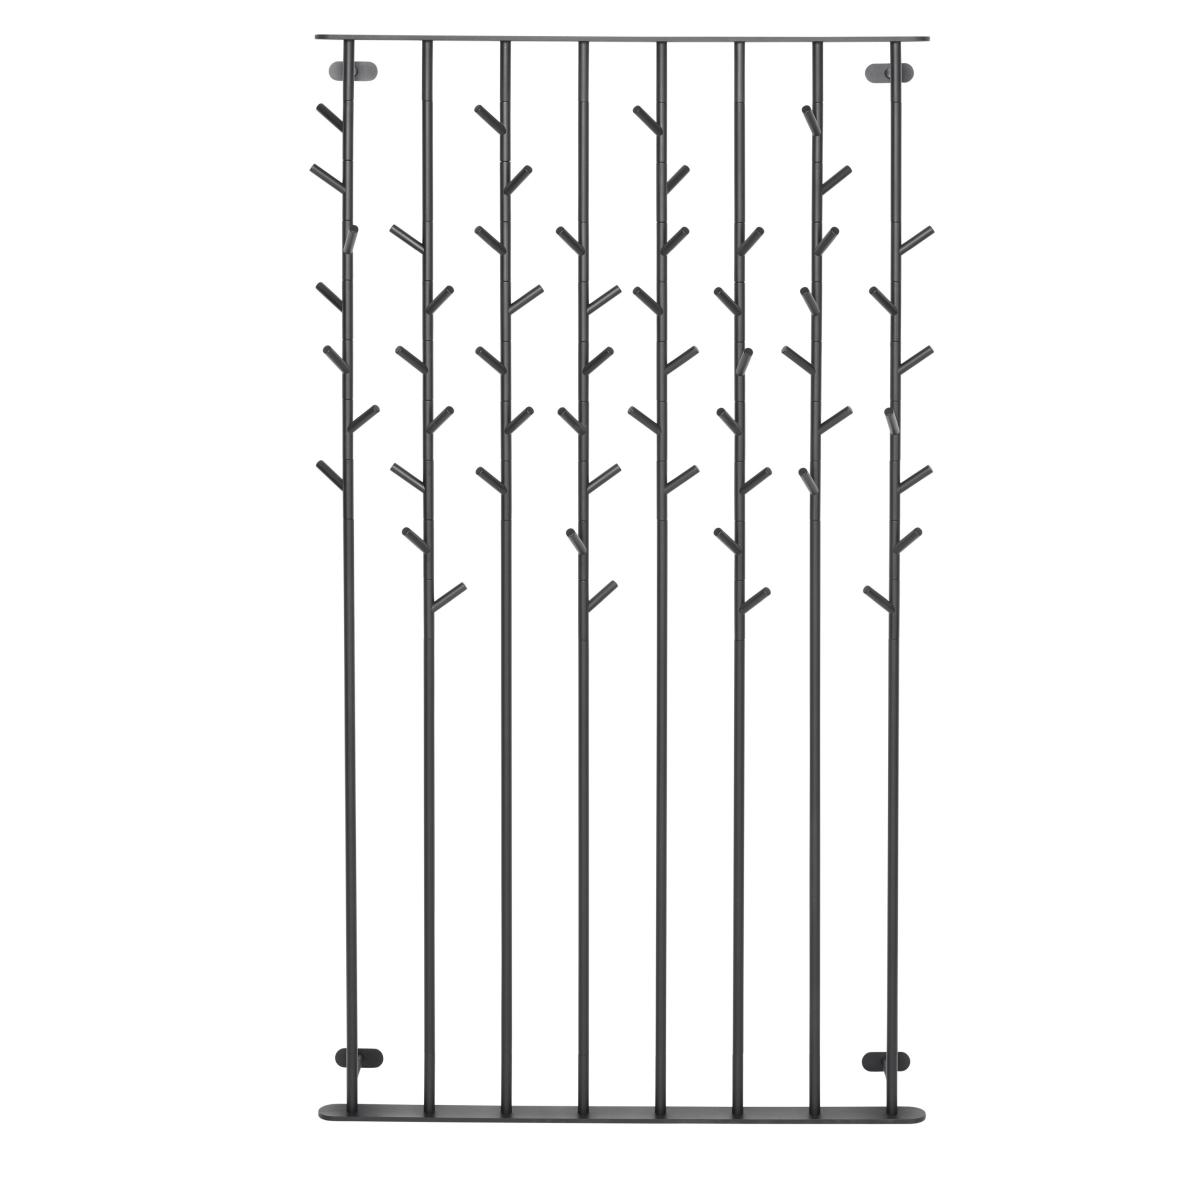 SUMI Wandgarderobe 104 cm breit, schwarz